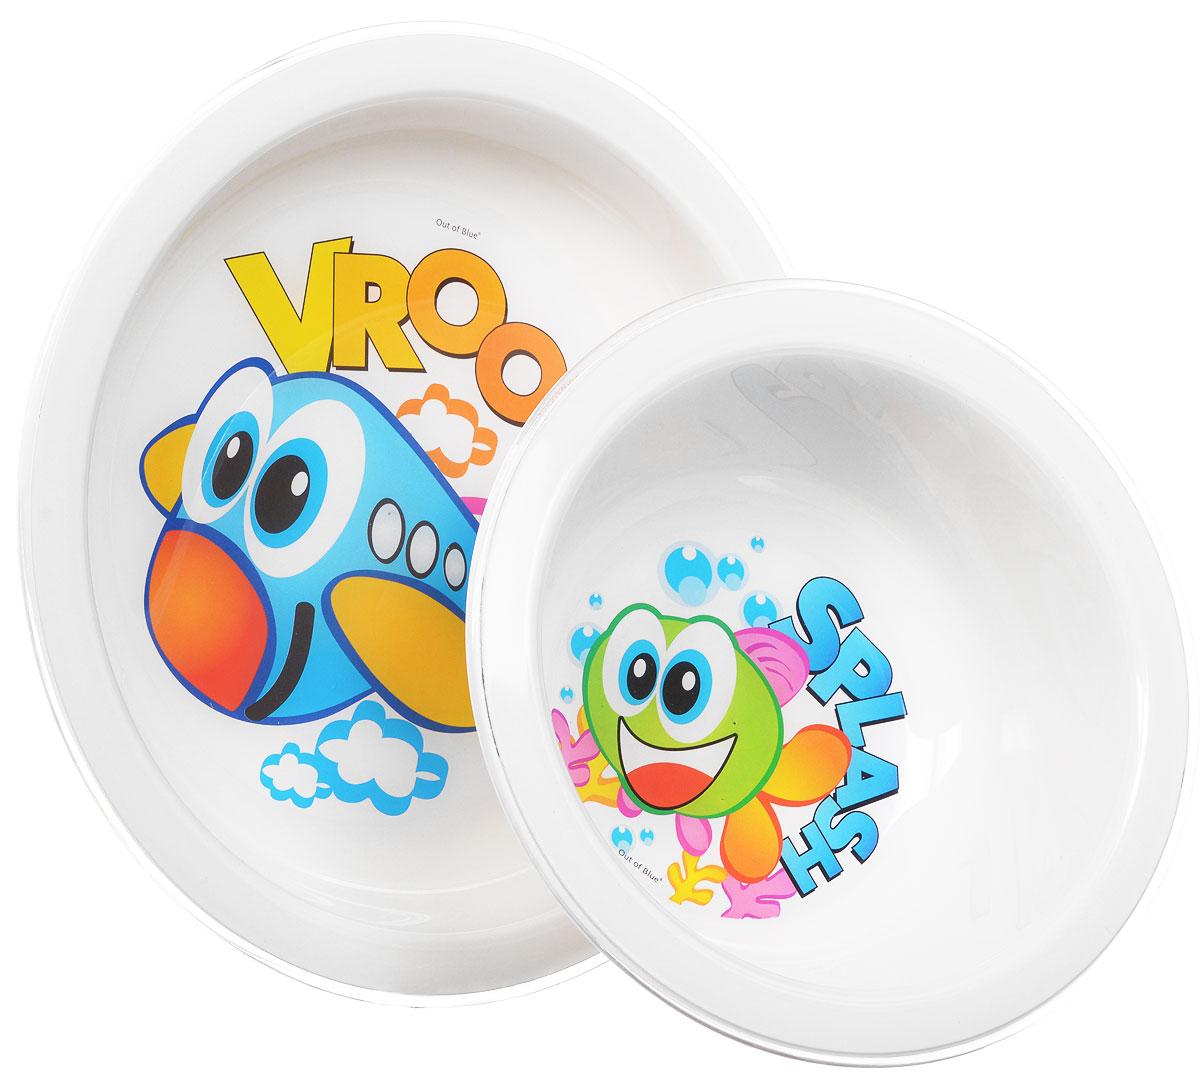 Cosmoplast Набор детской посуды New Baby Set 5 предметовSWG0203Детский сервиз New Baby Set состоит из суповой тарелки, обеденной тарелки, чашки с двумя ручками, ложки и вилки. Яркие пластиковые тарелочки, оформленные изображениями рыбки и самолетика, прекрасно подойдут для кормления ребенка, или самостоятельного приема им пищи. Эргономичная форма позволит удобно держать тарелки во время кормления и легко зачерпывать еду. Набор столовых приборов предназначен специально для ребенка, который только учится самостоятельно держать в ручках ложку и вилку. Набор состоит из двух предметов - ложки и вилки, которые вмещают в себя порции, предназначенные для малыша. Эргономичные ручки удобно располагаются в кулачке ребенка, помогая развивать координацию движений. Для безопасного использования зубцы вилки слегка закруглены, при этом отлично насаживают пищу. Чашка имеет две удобные ручки. Все предметы набора изготовлены из высококачественного пищевого пластика по специальной технологии, которая гарантирует простоту ухода, прочность и безопасность изделий для детей. Предметы сервиза оформлены красочными рисунками, которые обязательно понравятся вашему малышу.Элементы набора не содержат бисфенол-А.